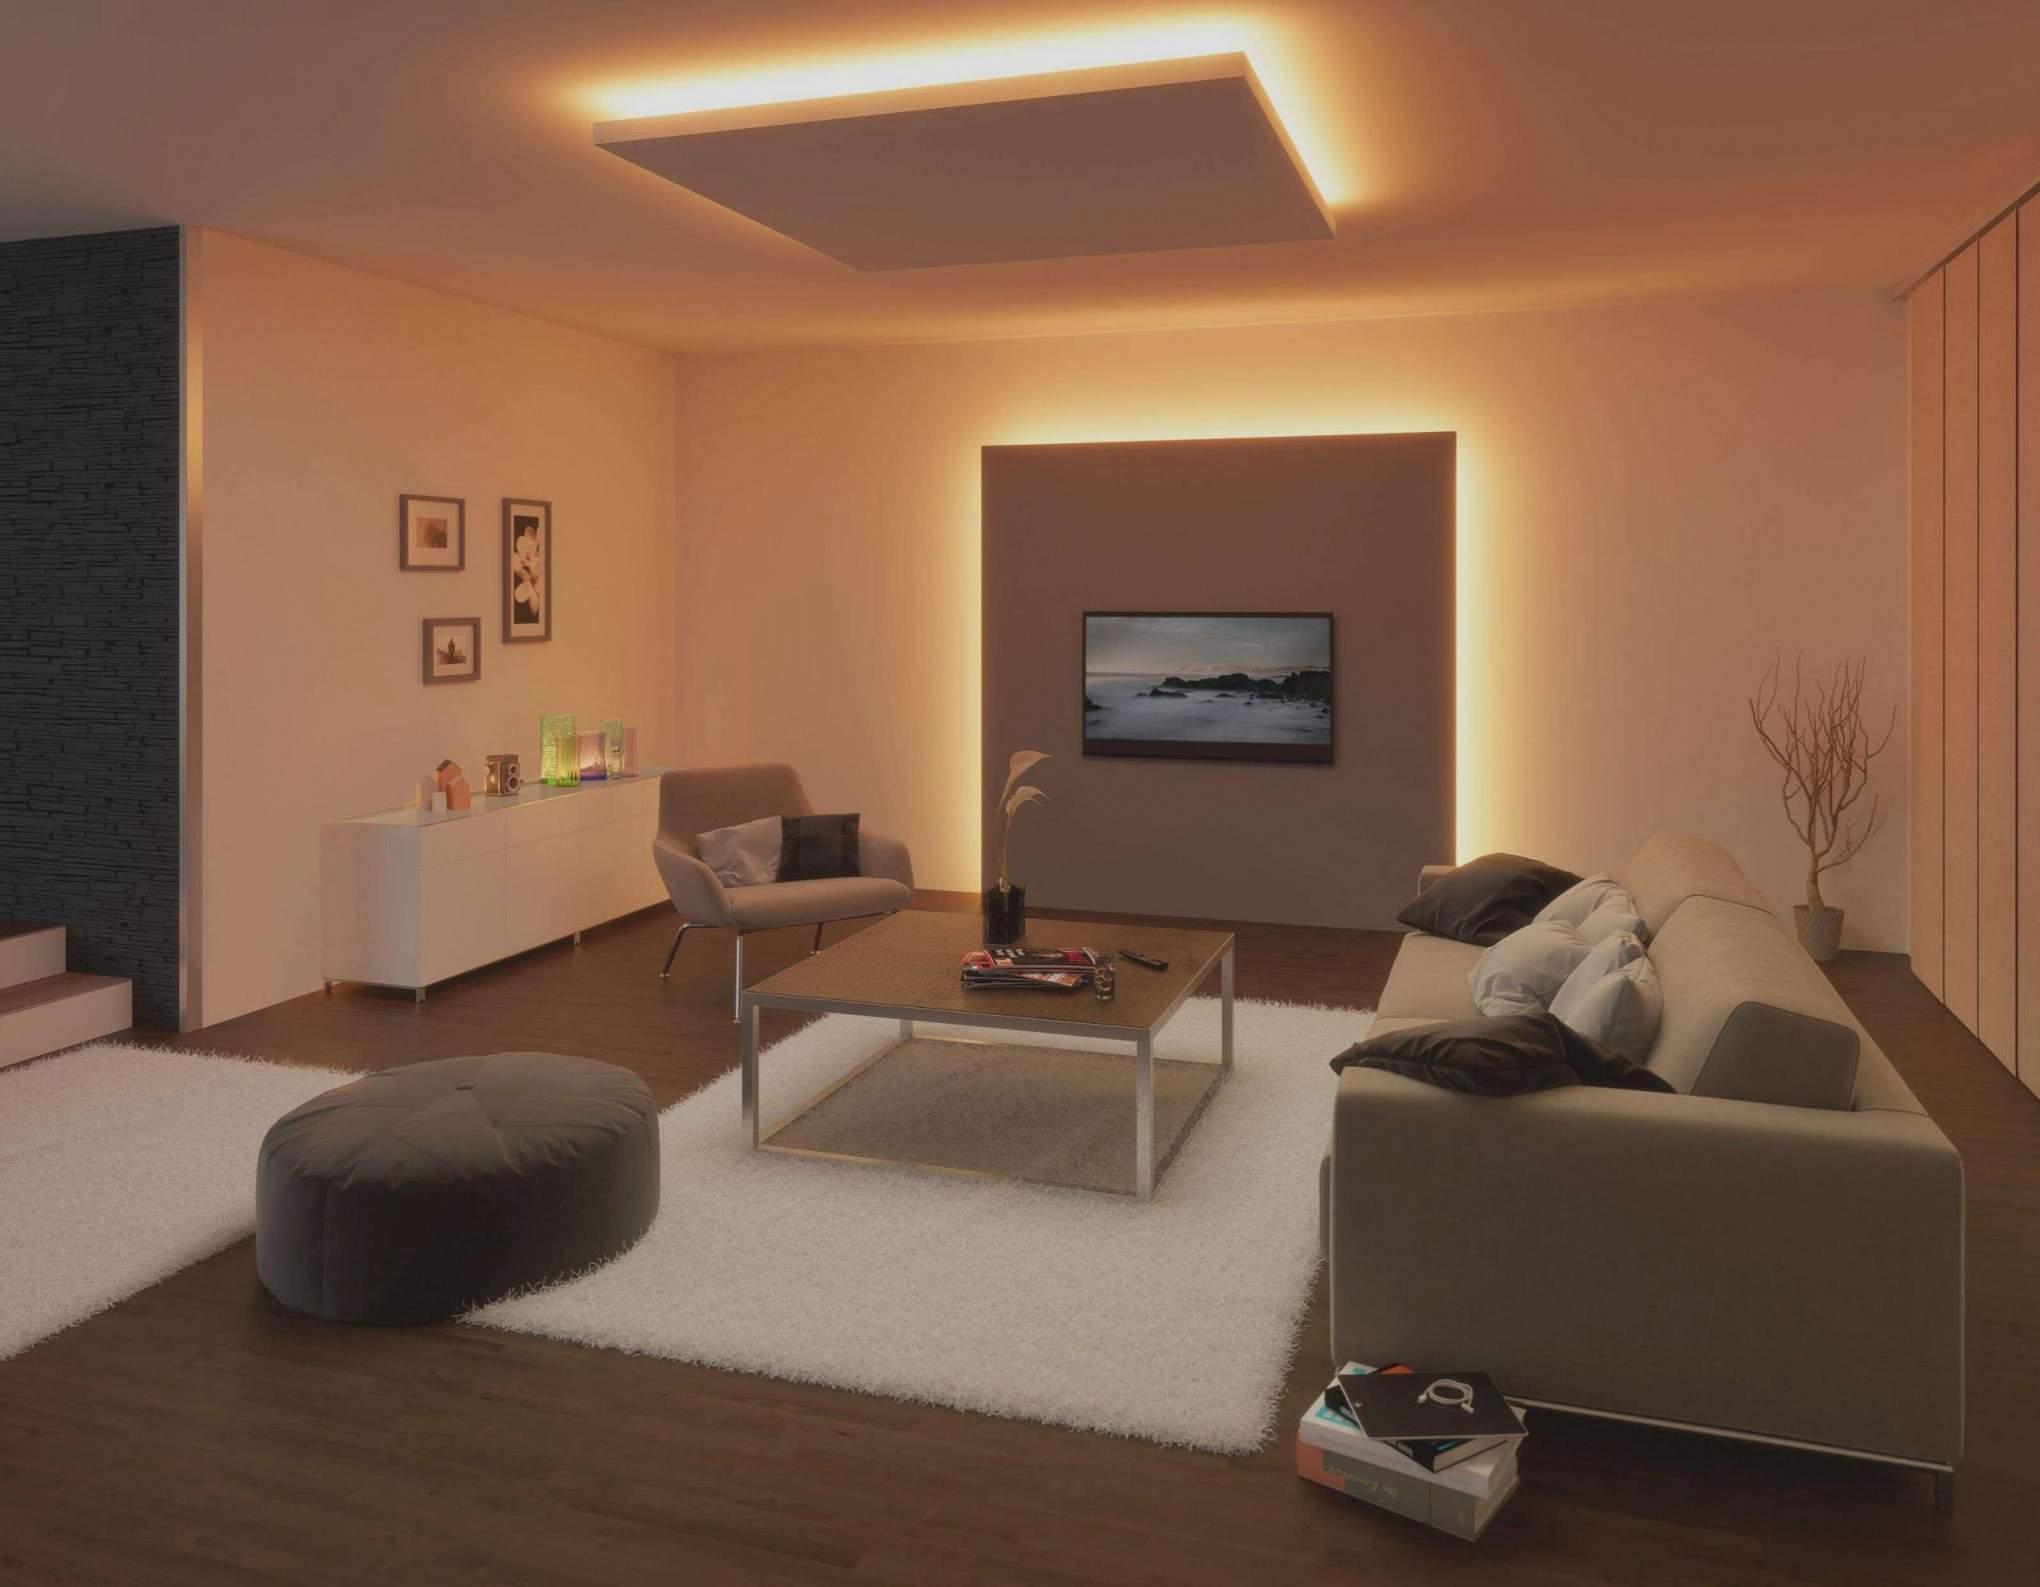 wohnzimmer deko wand genial wohnzimmer wandfarbe reizend dunkelblaue wand wohnzimmer of wohnzimmer deko wand